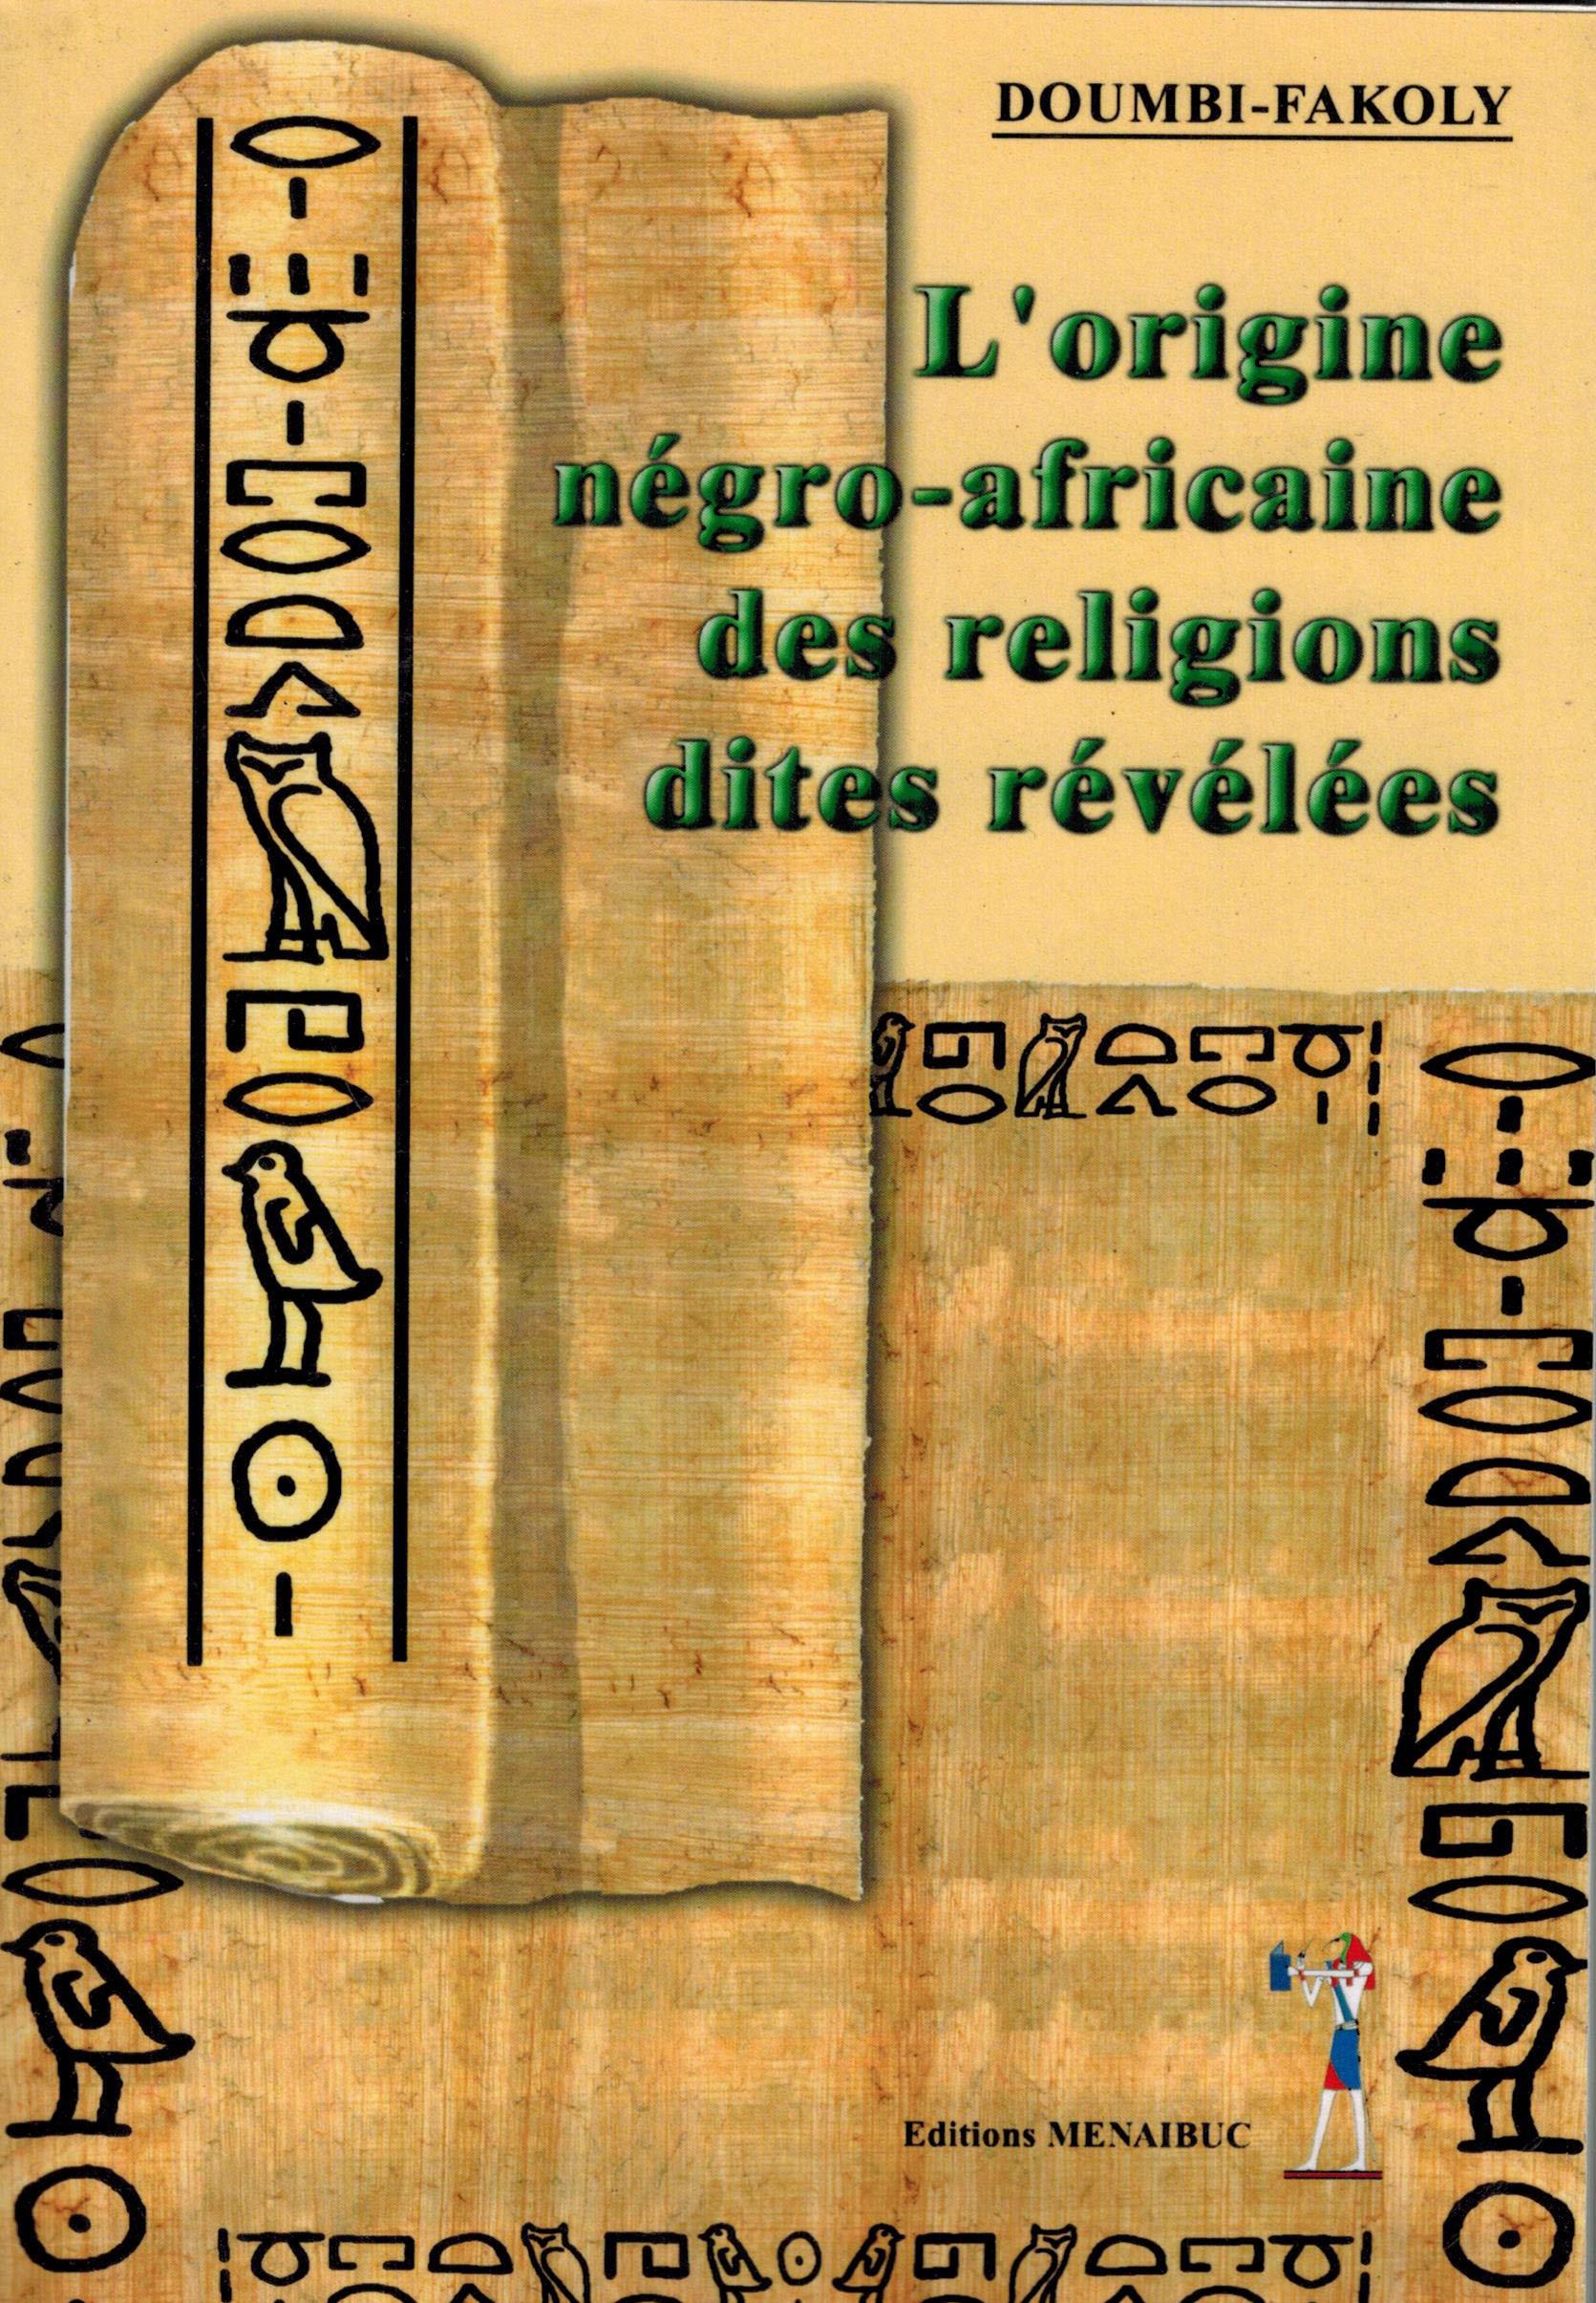 L'ORIGINE NEGRO-AFRICAINE DES RELIGIONS DITES REVELEES